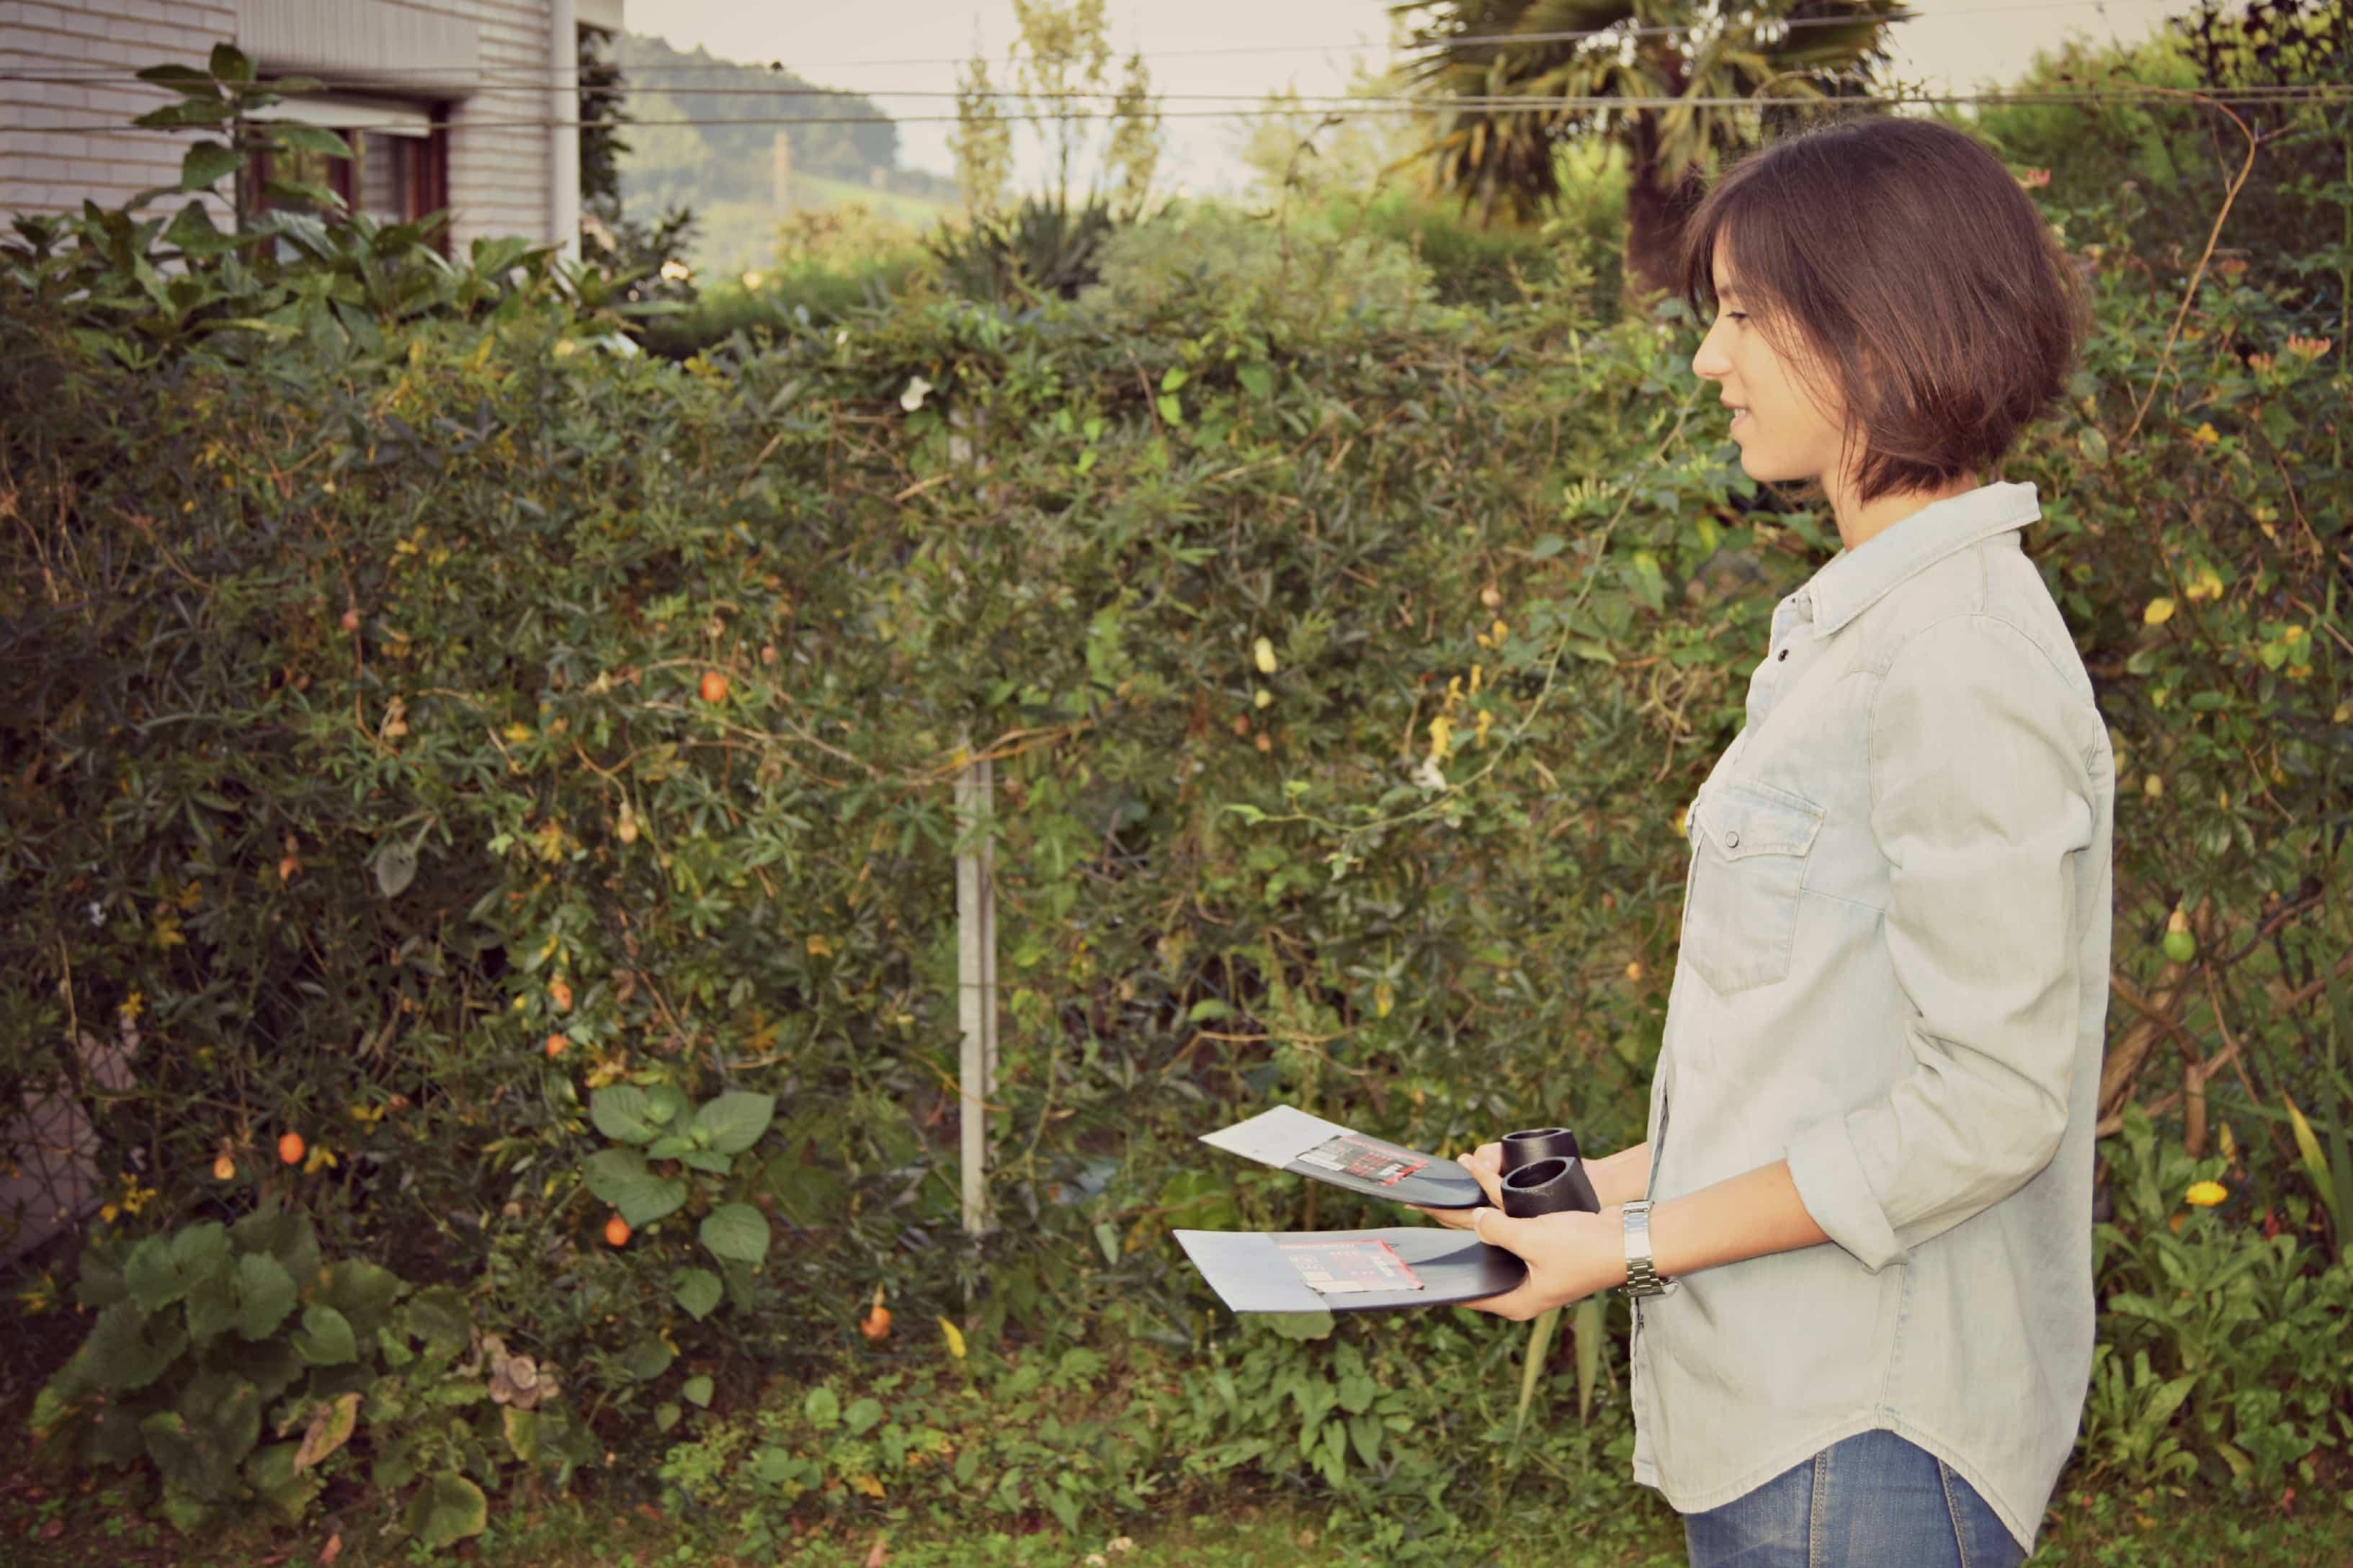 hacer pesas con azada de Bellota 2 - herramientas de jardineria